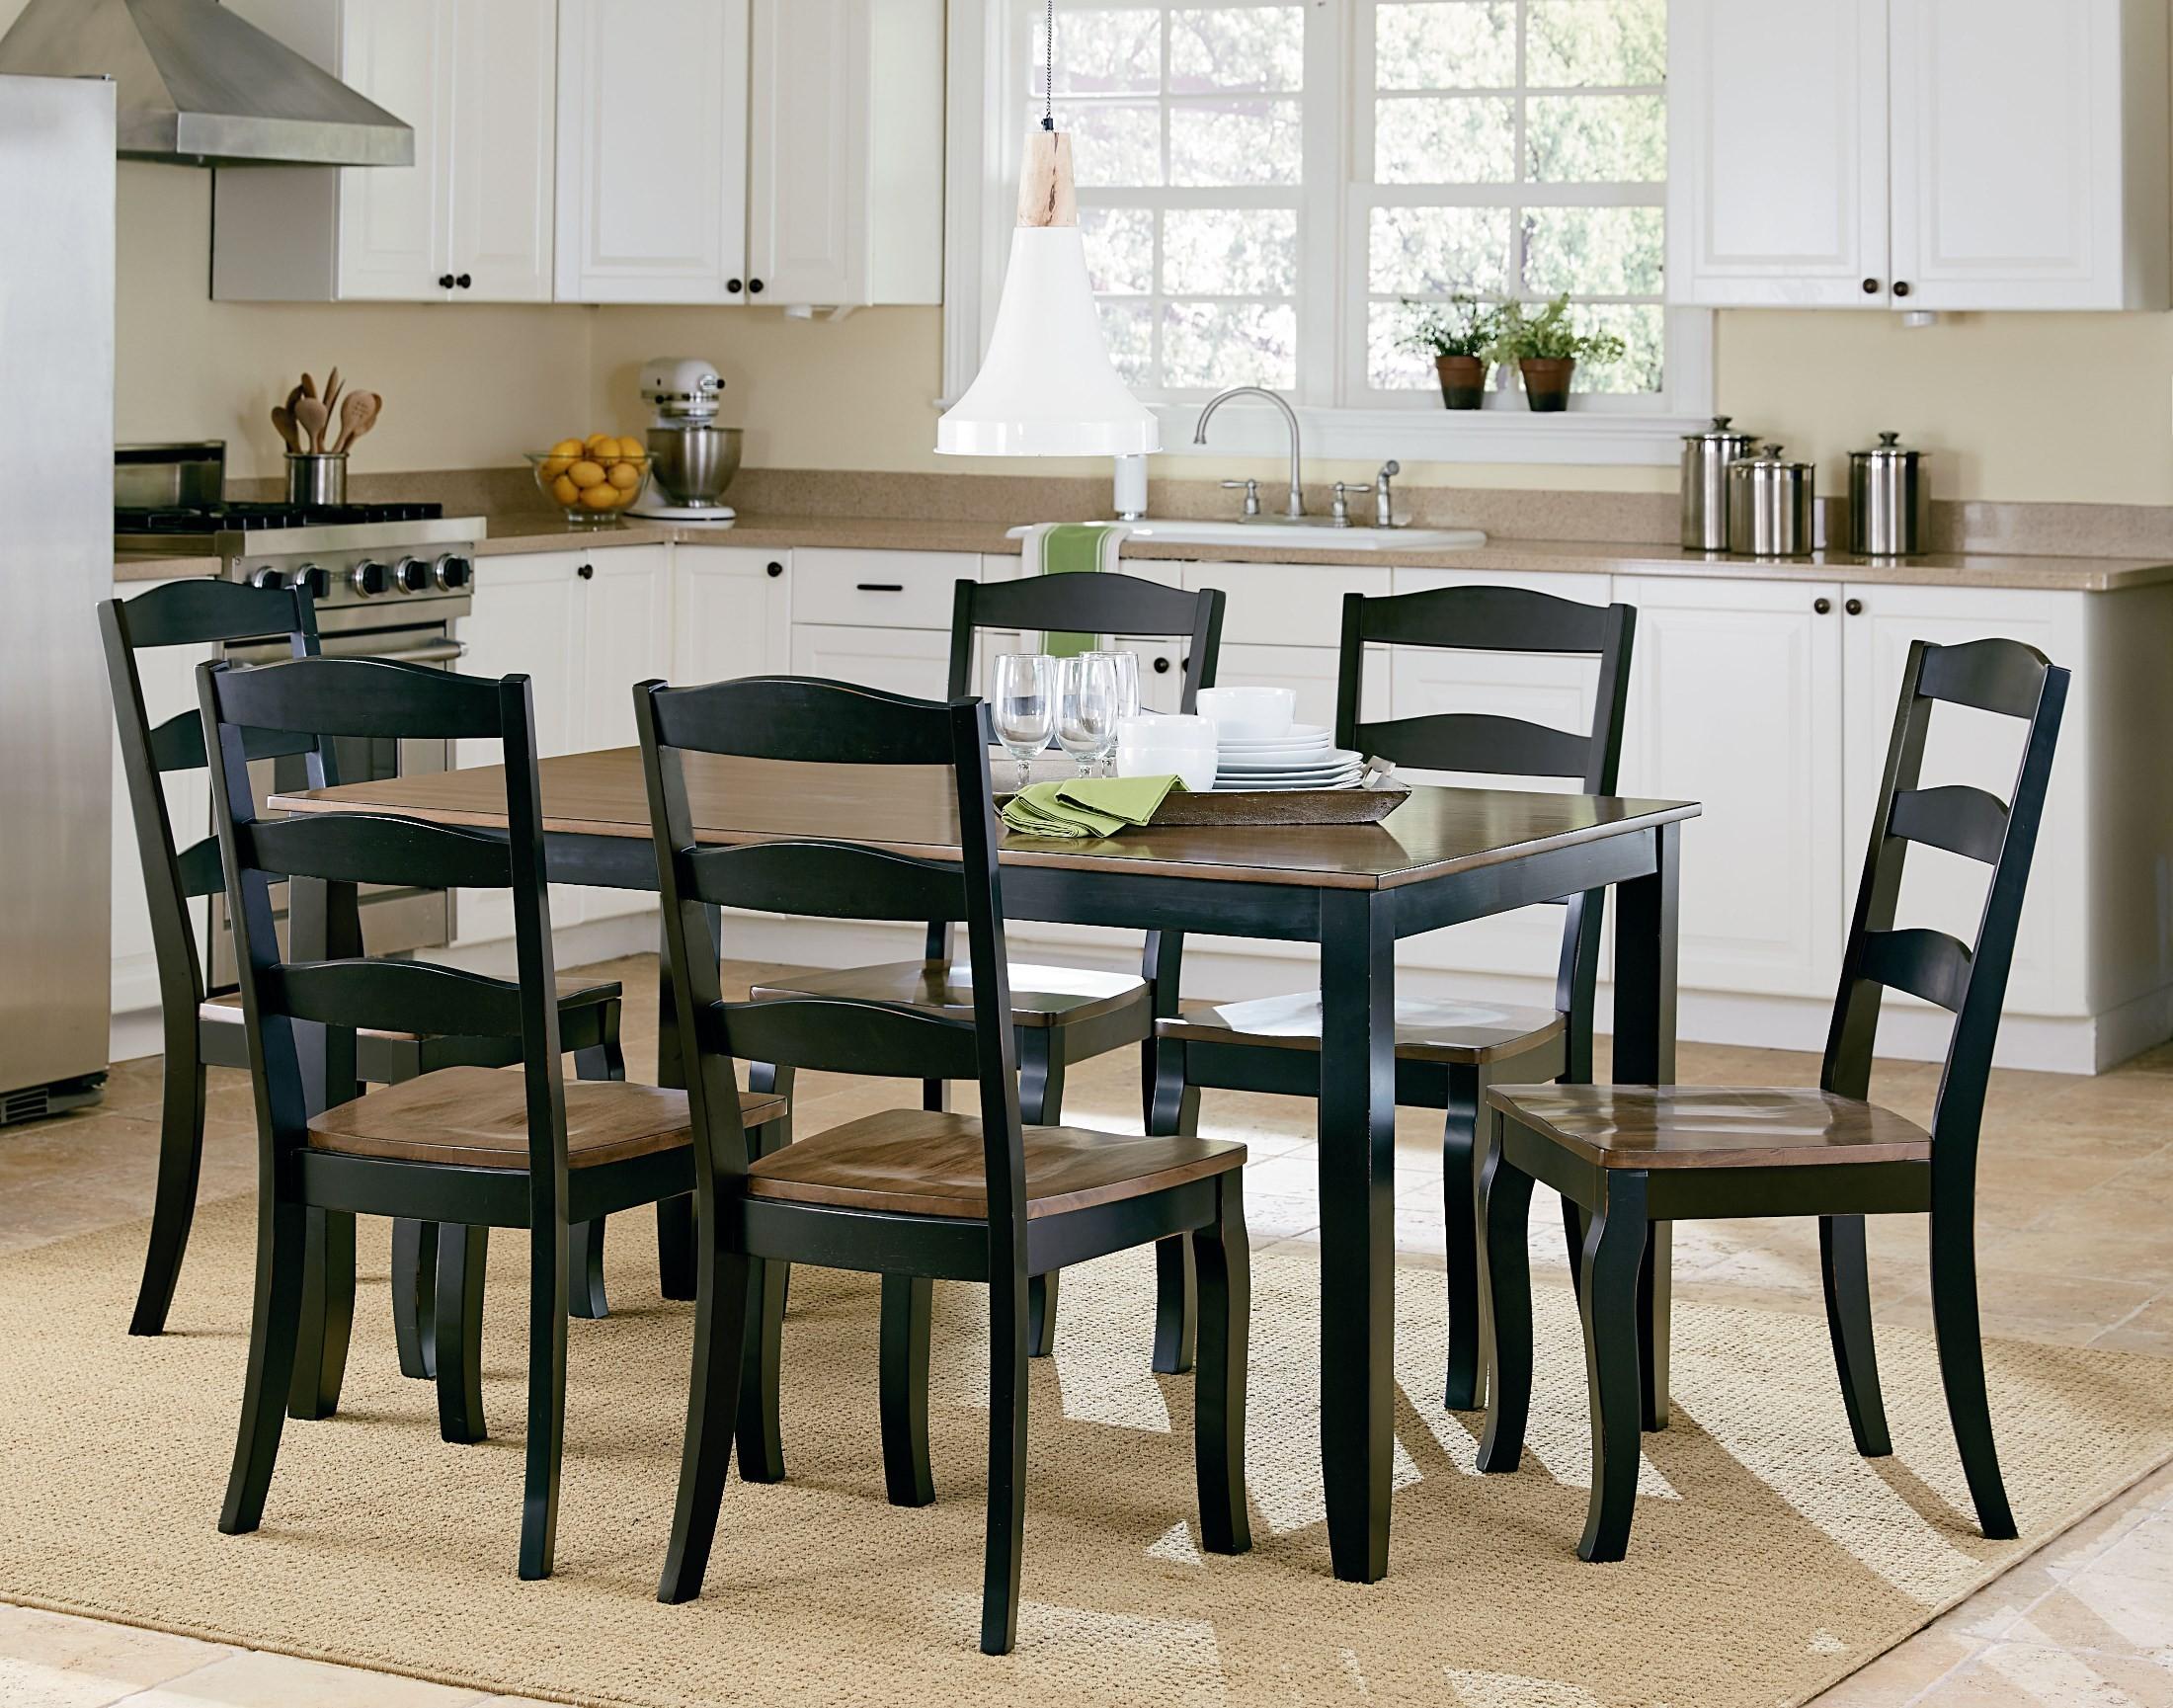 highland brown and black 7 piece dining room set 16542 standard furniture. Black Bedroom Furniture Sets. Home Design Ideas